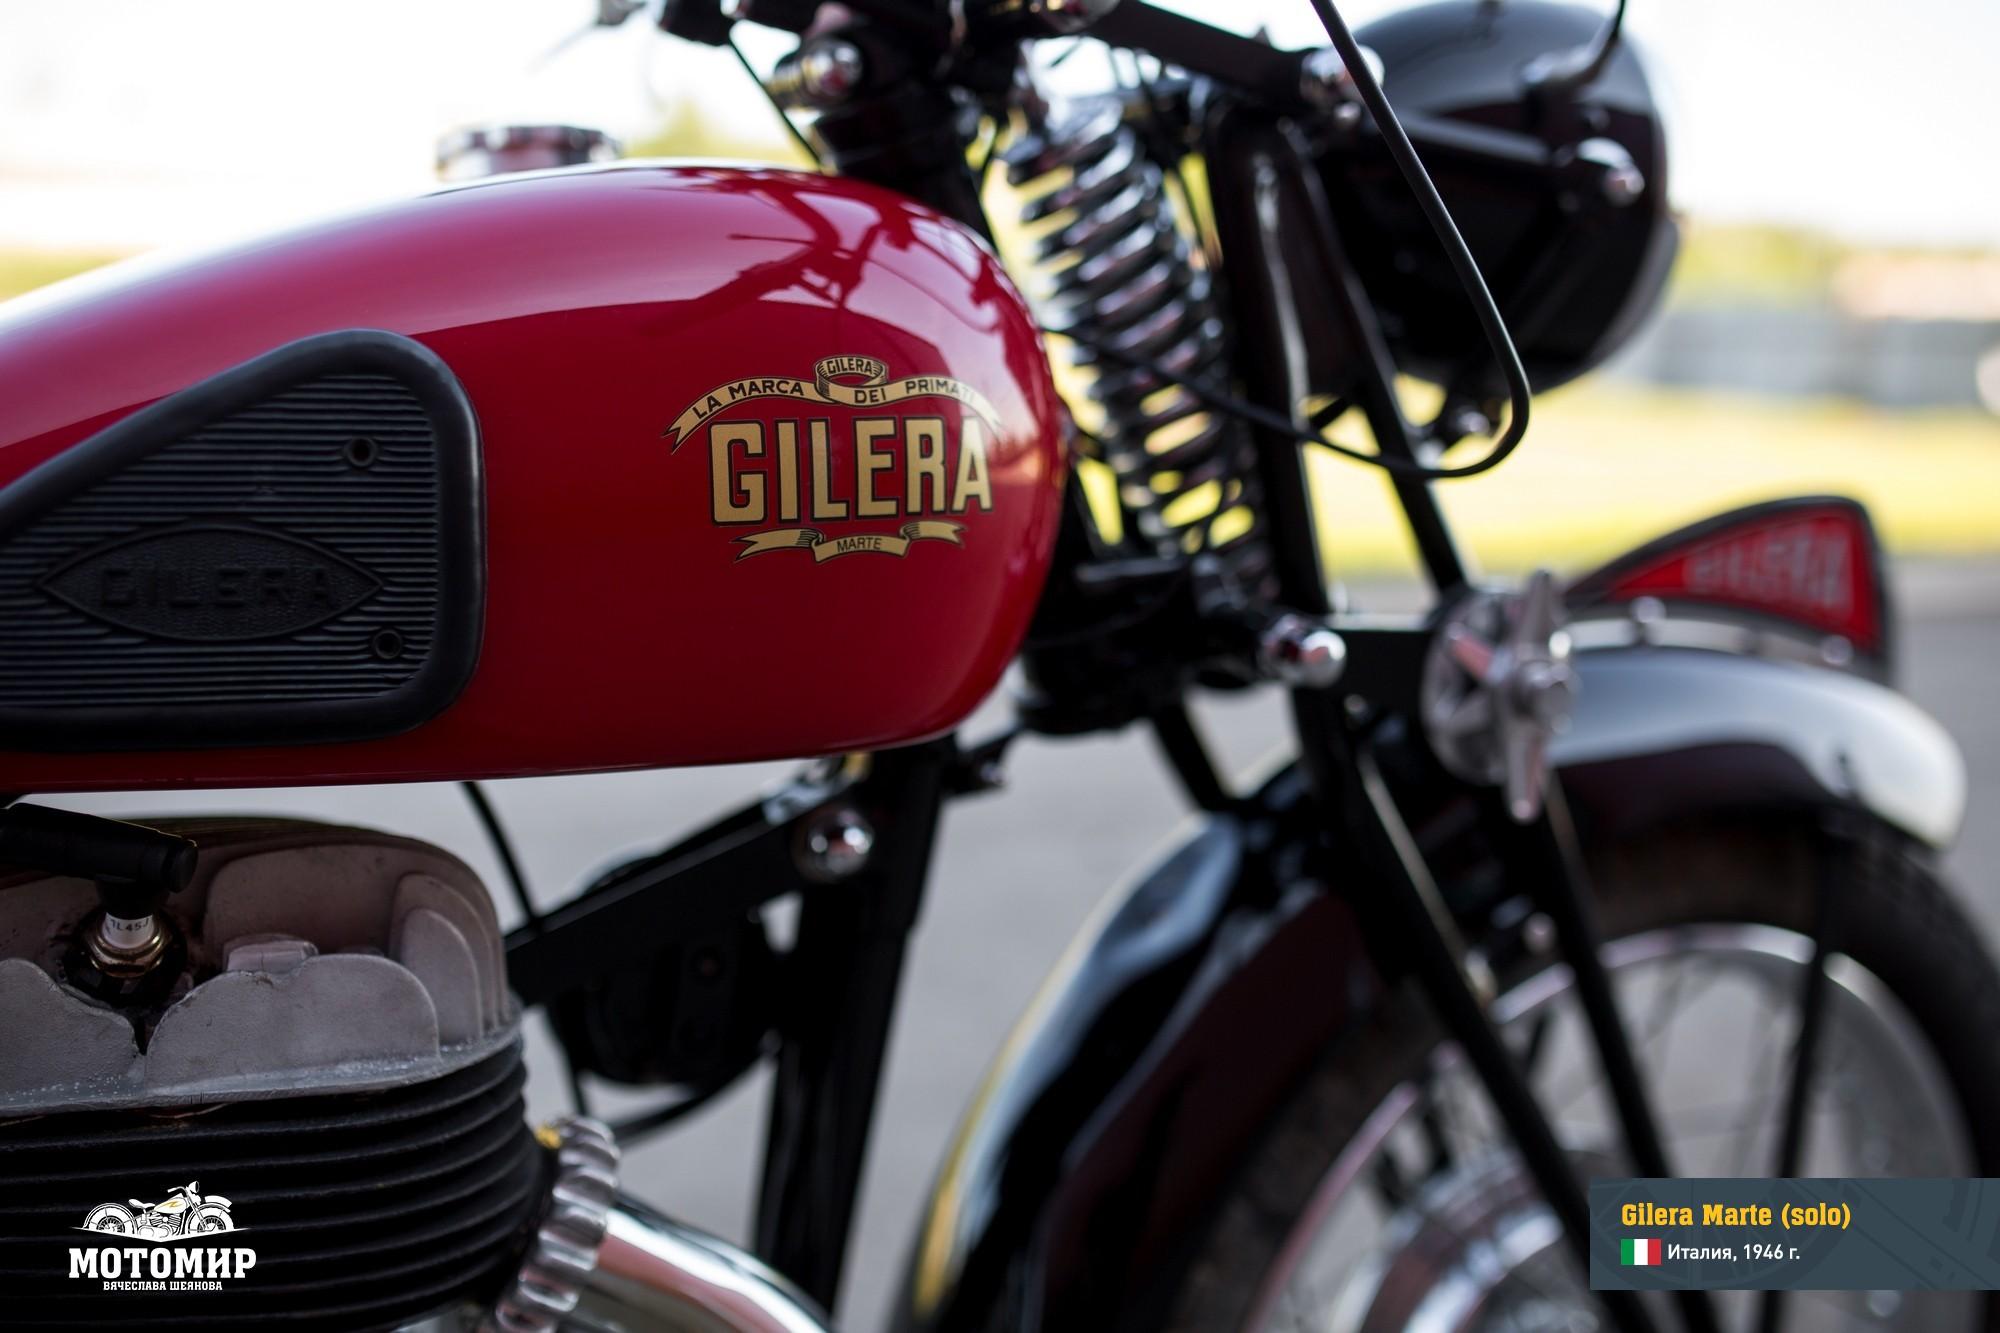 gilera-500-201508-web-23